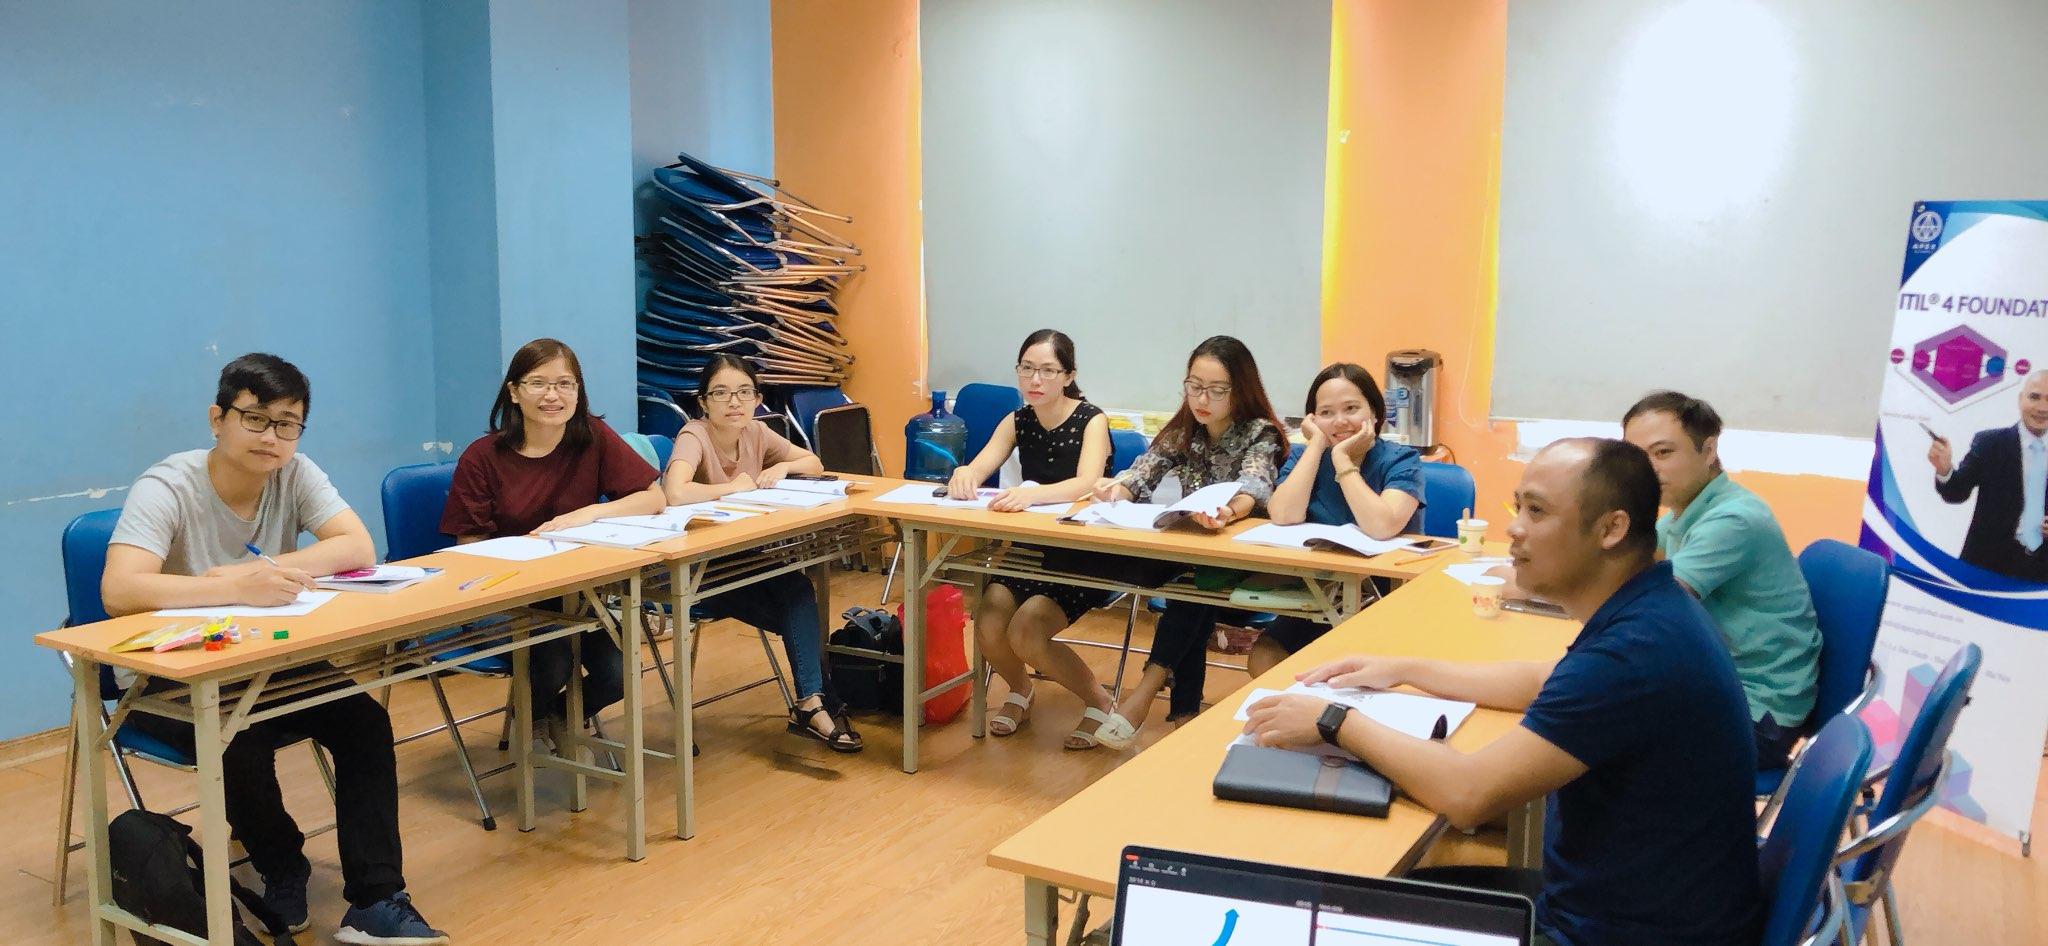 Khai giảng khoá học ITIL 4 Foundation ở Hà Nội tháng 7